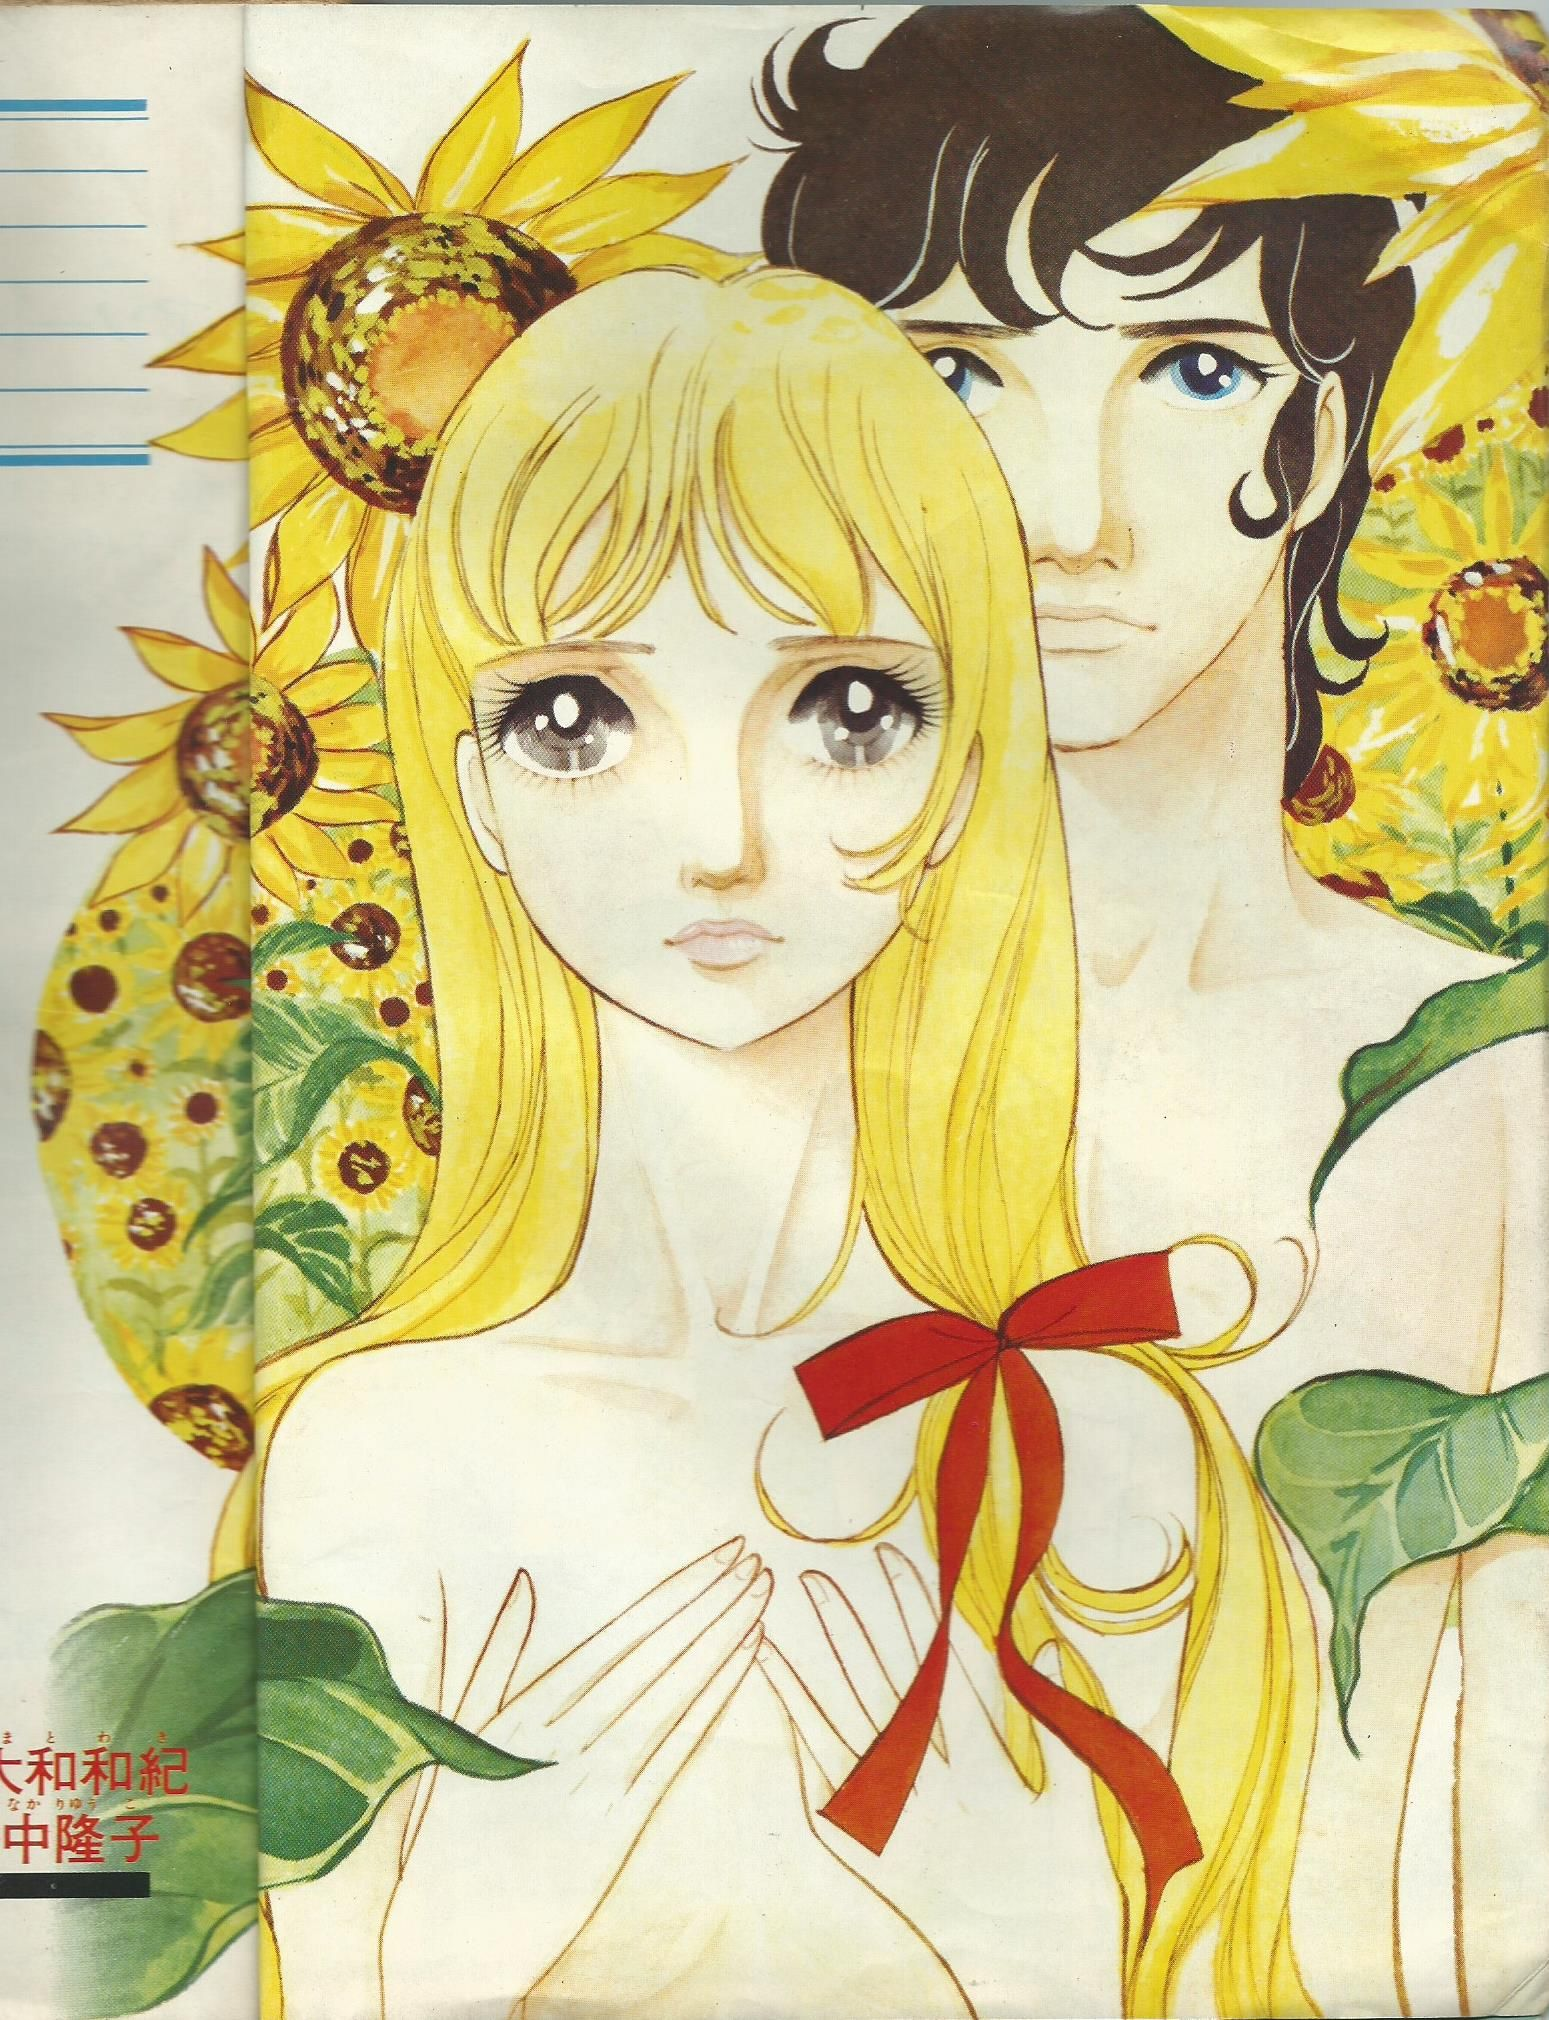 Pin su Shojo manga vintage